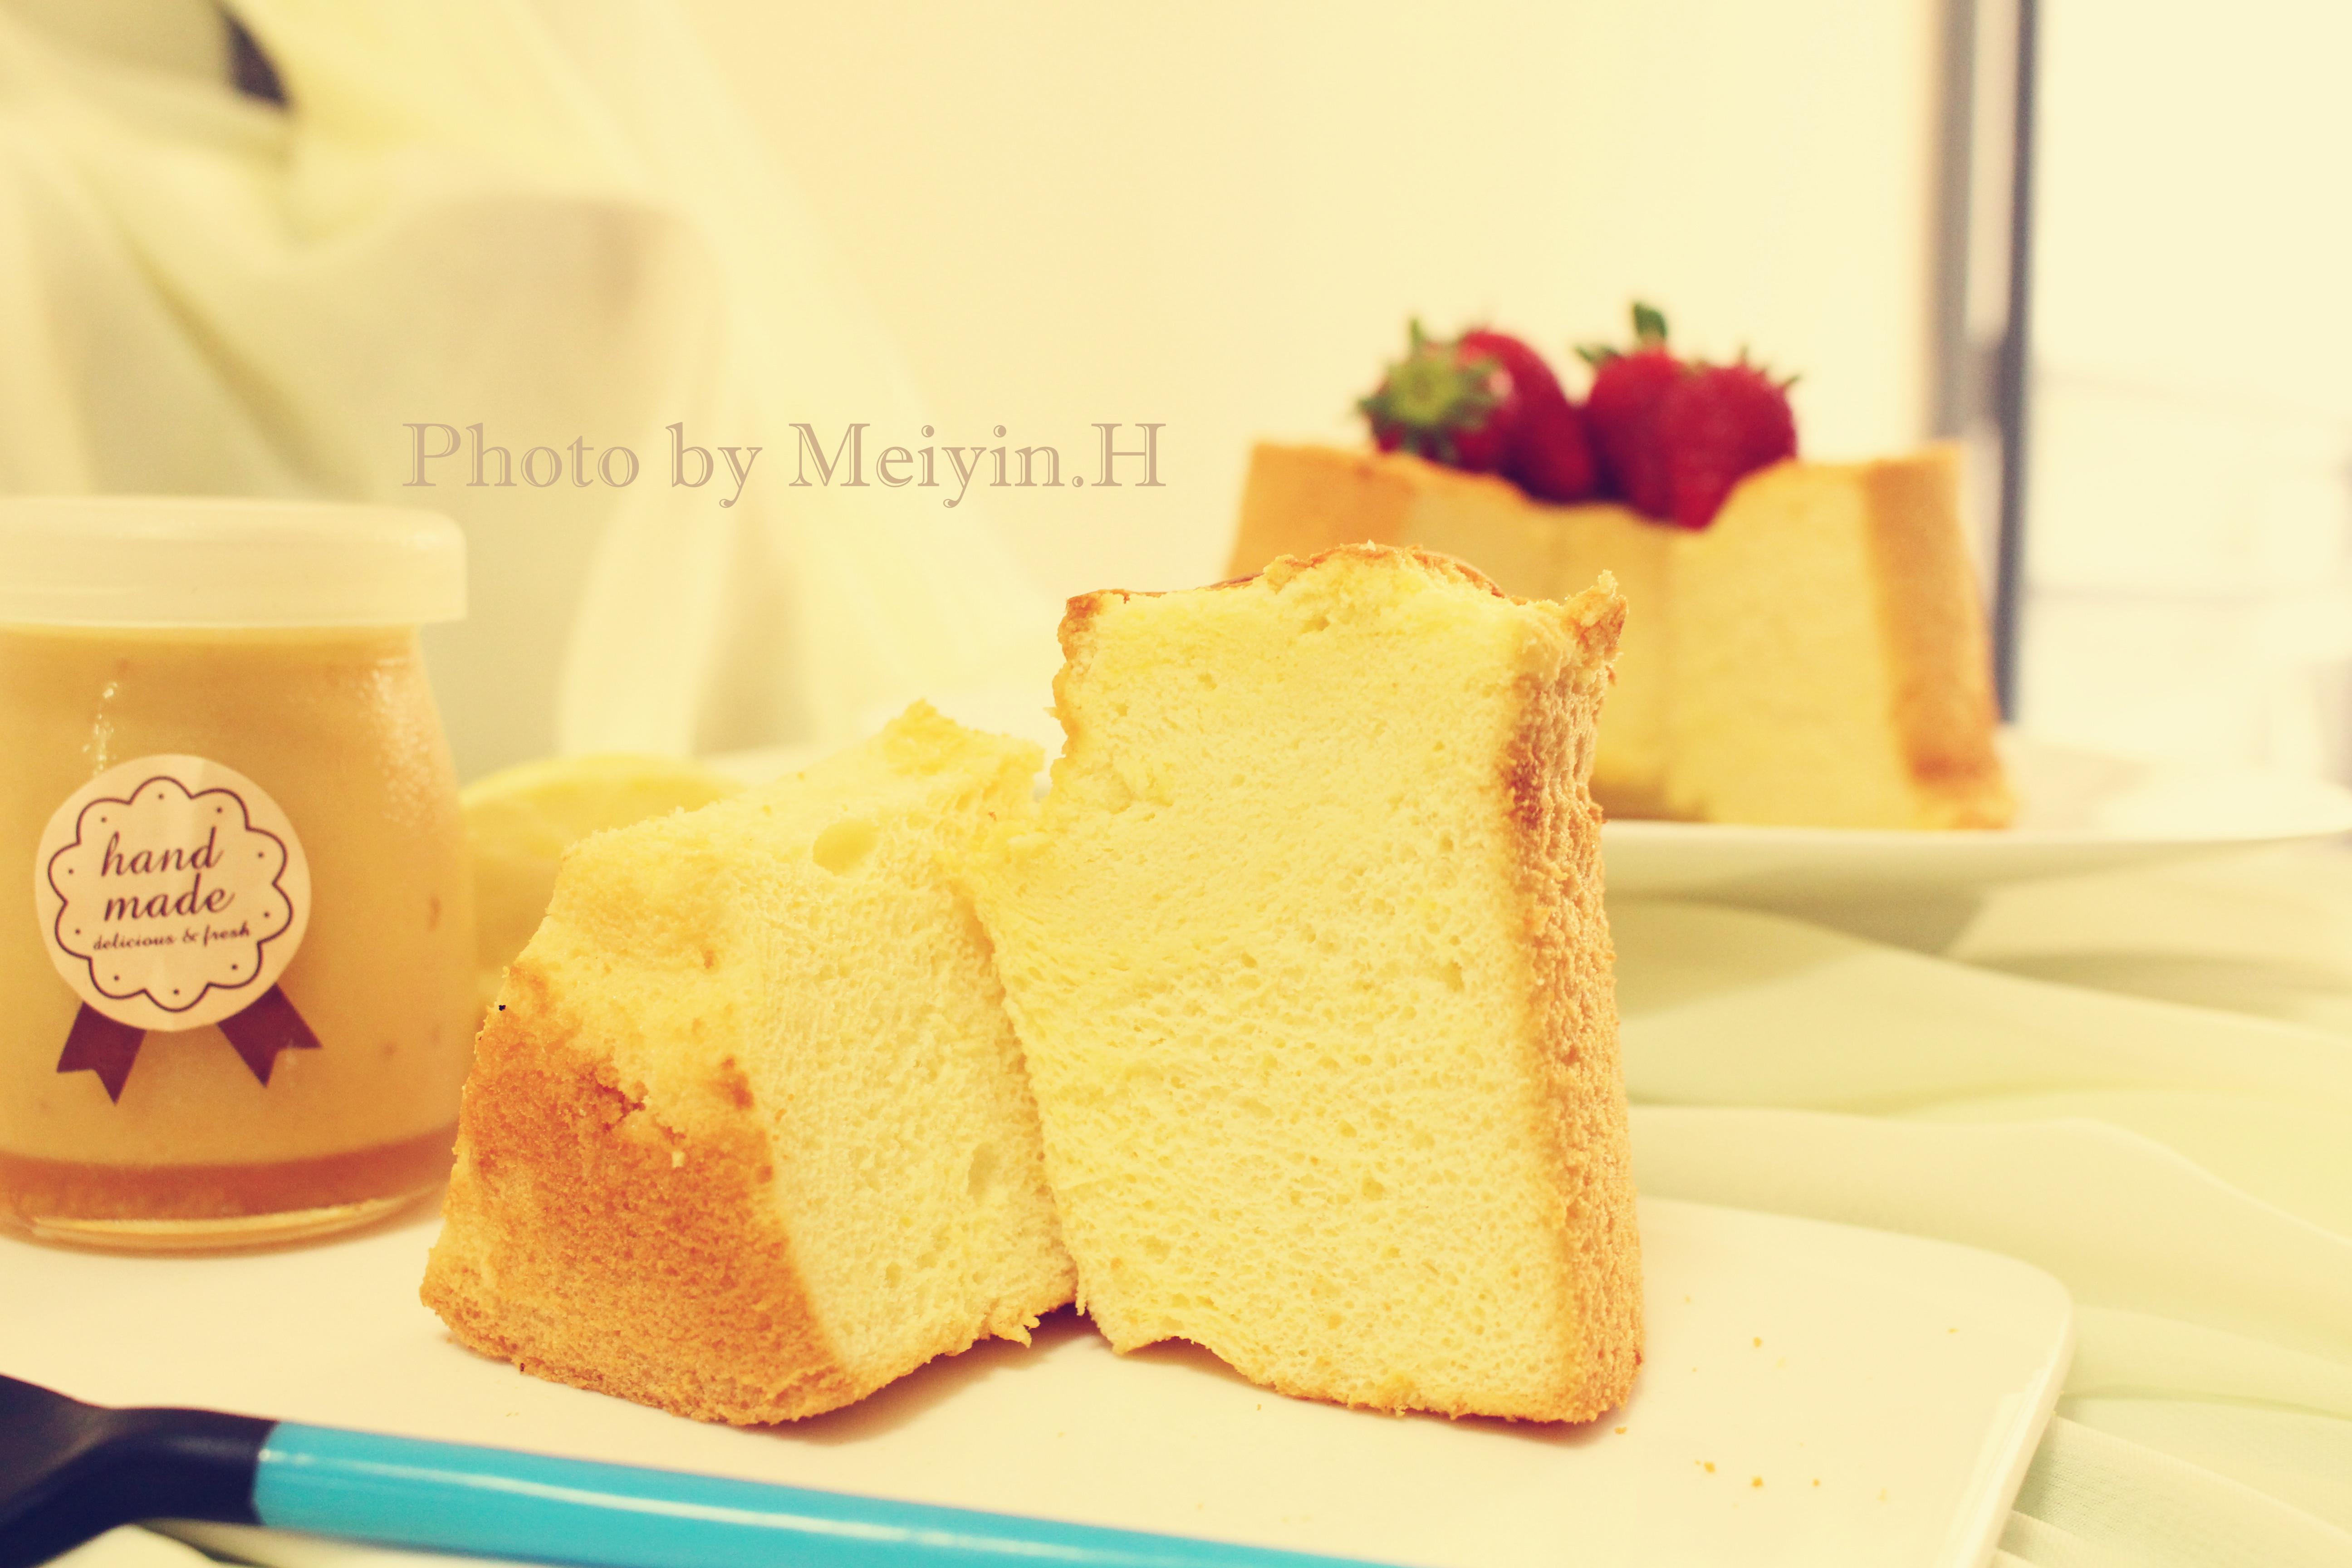 檸檬蜂蜜戚風蛋糕